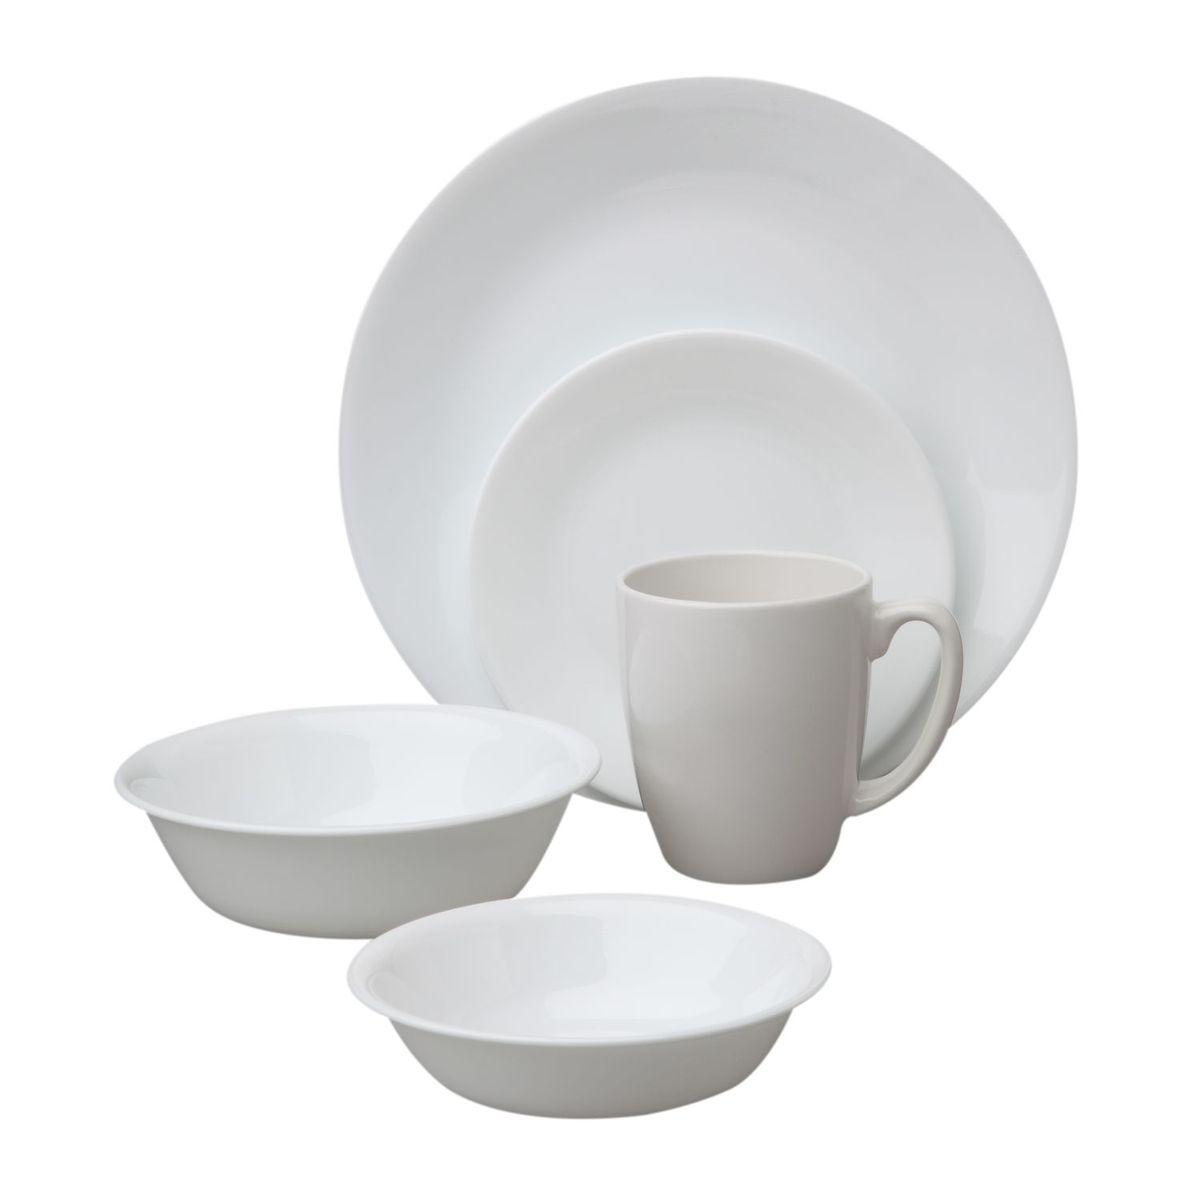 Набор посуды Winter Frost White 30пр, цвет: белый10040Преимуществами посуды Corelle являются долговечность, красота и безопасность в использовании. Вся посуда Corelle изготавливается из высококачественного ударопрочного трехслойного стекла Vitrelle и украшена деколями американских и европейских дизайнеров. Рисунки не стираются и не царапаются, не теряют свою яркость на протяжении многих лет. Посуда Corelle не впитывает запахов и очень долгое время выглядит как новая. Уникальная эмаль, используемая во время декорирования, фактически становится единым целым с поверхностью стекла, что гарантирует долгое сохранение нанесенного рисунка. Еще одним из главных преимуществ посуды Corelle является ее безопасность. В производстве используются только безопасные для пищи пигменты эмали, при производстве посуды не применяется вредный для здоровья человека меламин. Изделия из материала Vitrelle: Прочные и легкие; Выдерживают температуру до 180С; Могут использоваться в посудомоечной машине и микроволновой печи; Штабелируемые; Устойчивы к царапинам; Ударопрочные; Не содержит меламин.6 обеденных тарелок 26 см; 6 десертных тарелок 17 см; 6 суповых тарелок 440 мл; 6 суповых тарелок 530 мл; 6 фарфоровых кружек 313 мл